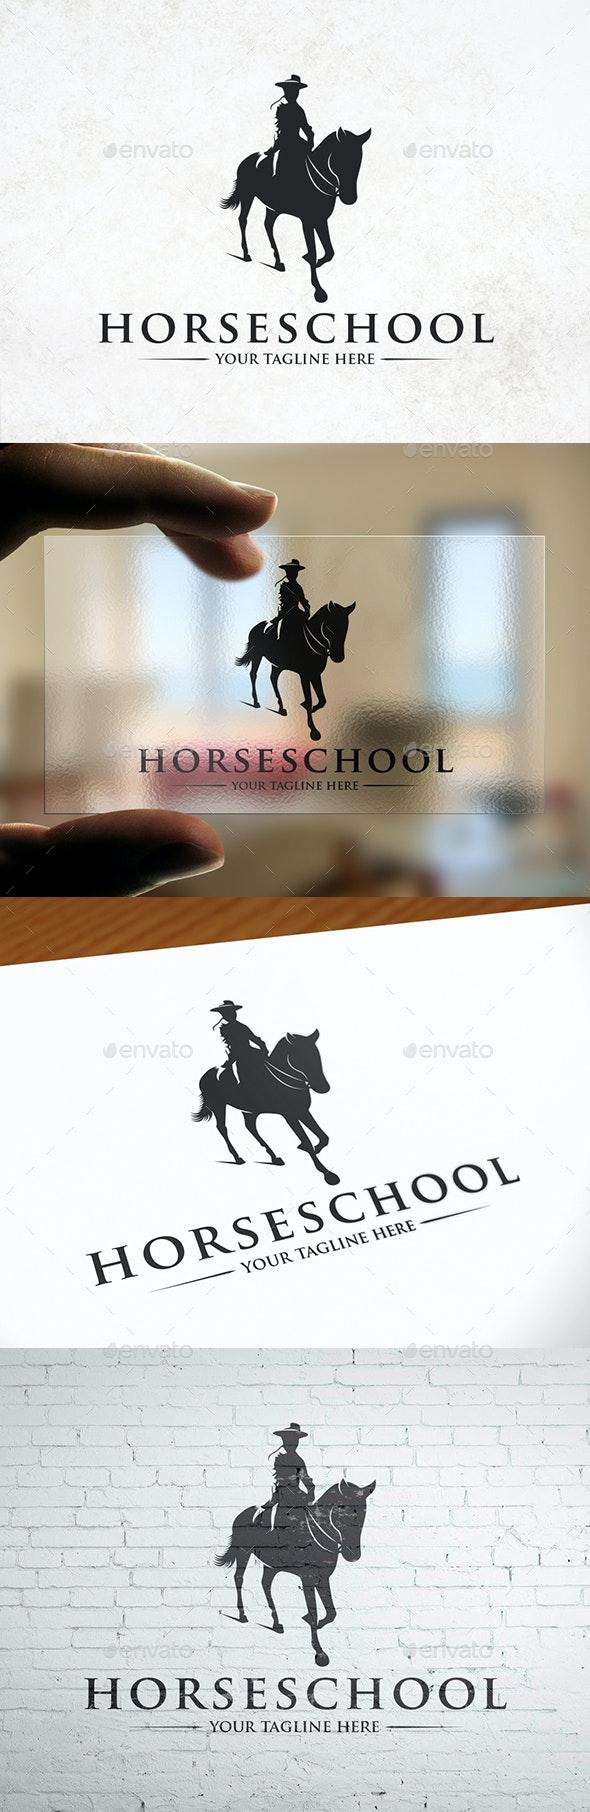 Horse Academy Logo Template